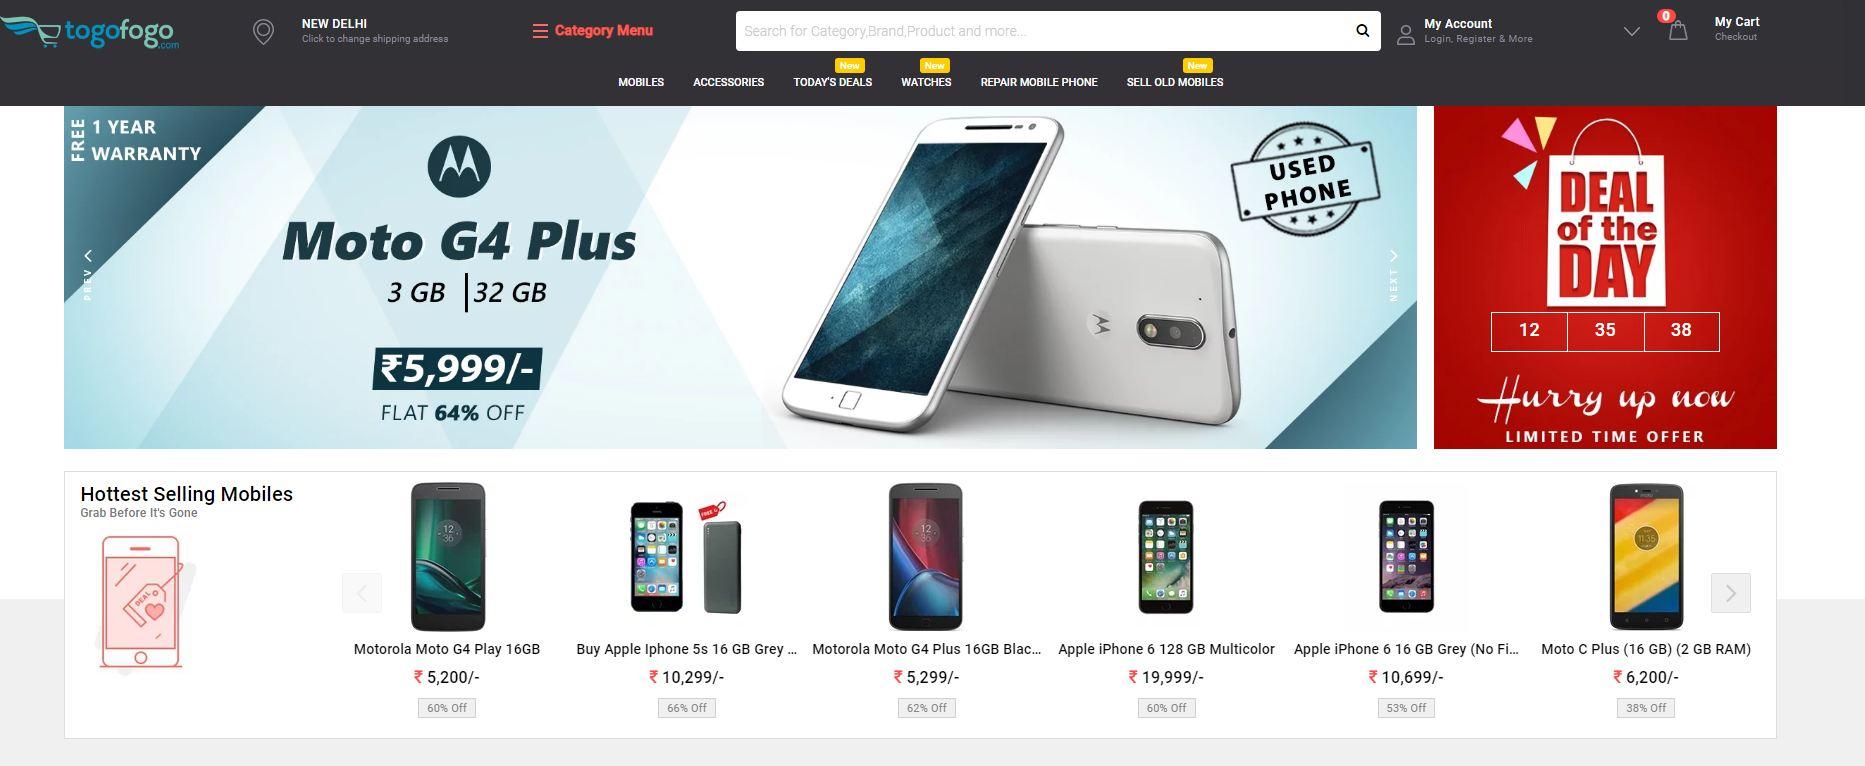 या सेल अंतर्गत तुम्हाला जर नवीन फोन खरेदी करायचा असेल तर togofogo.com या वेबसाइटला भेट देऊन तुम्ही फोन खरेदी करू शकता. इथे तुम्हाला स्मार्टफोनसोबतच एक्सेसरीजवरसुद्धा सूट मिळणार आहे.